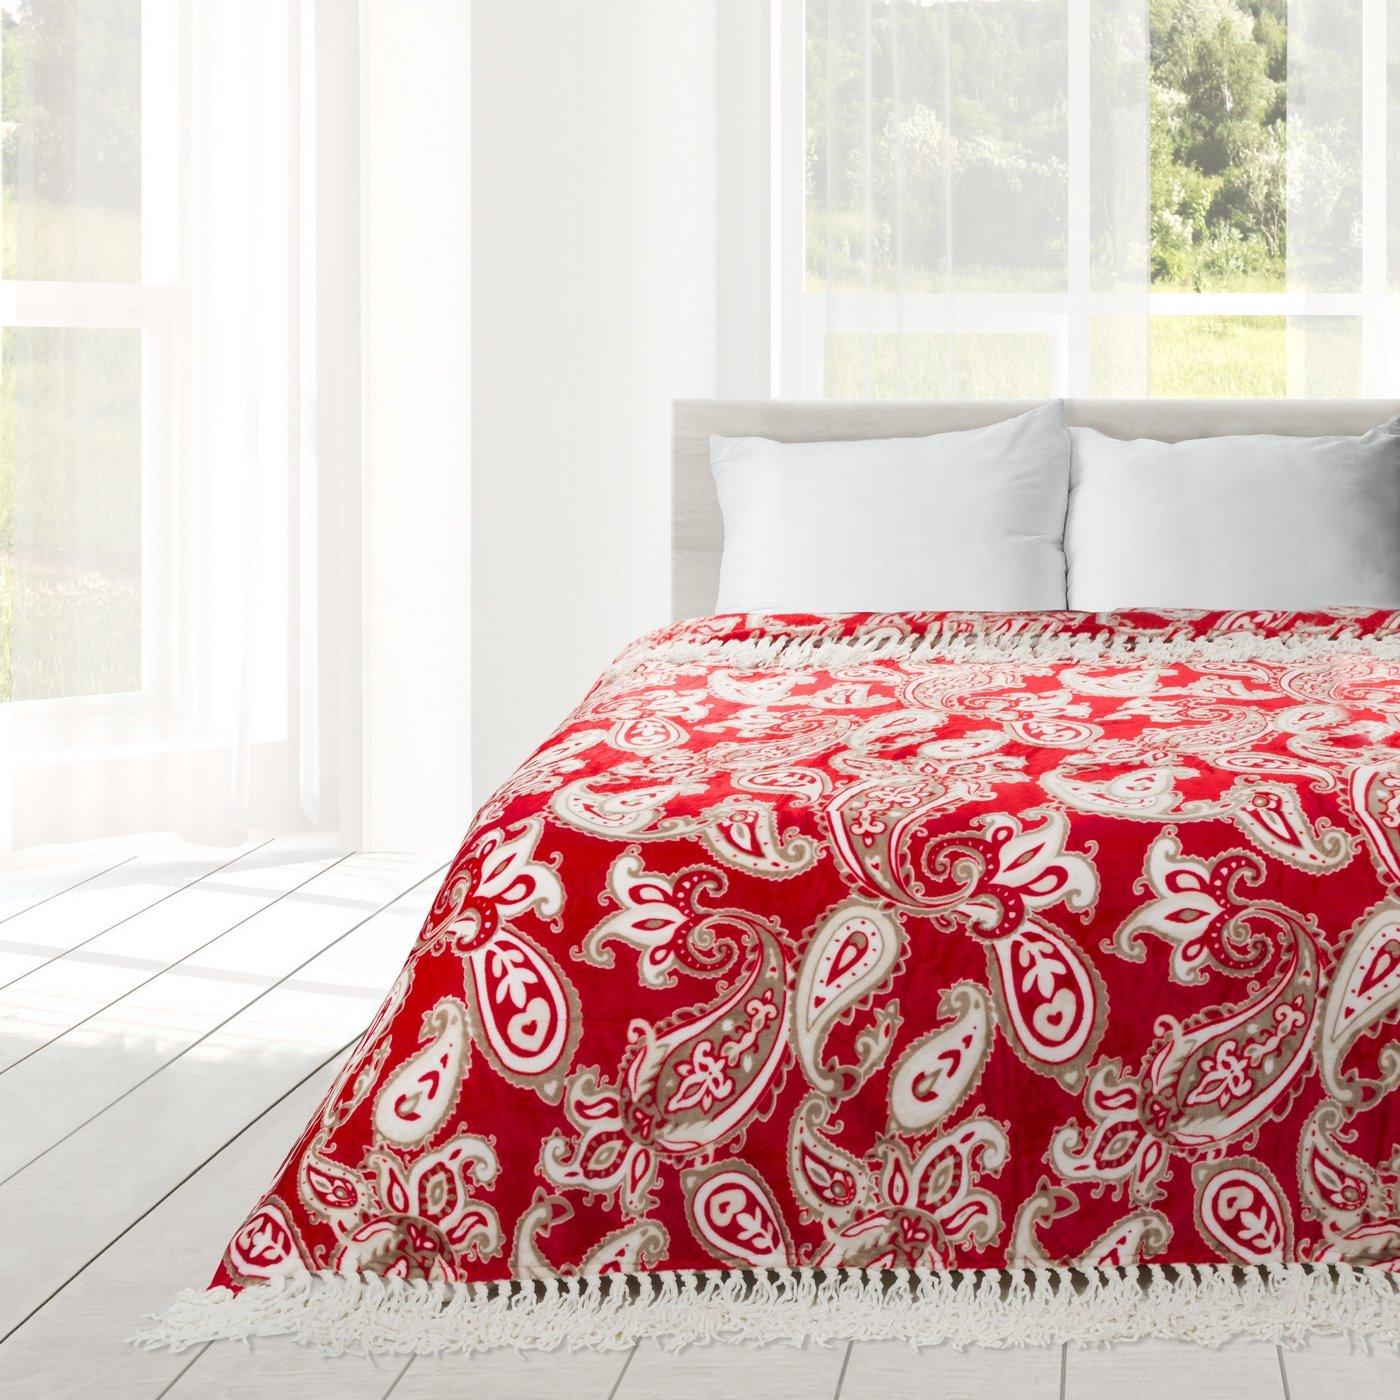 Czerwony koc z pięknym wzorem 150x200